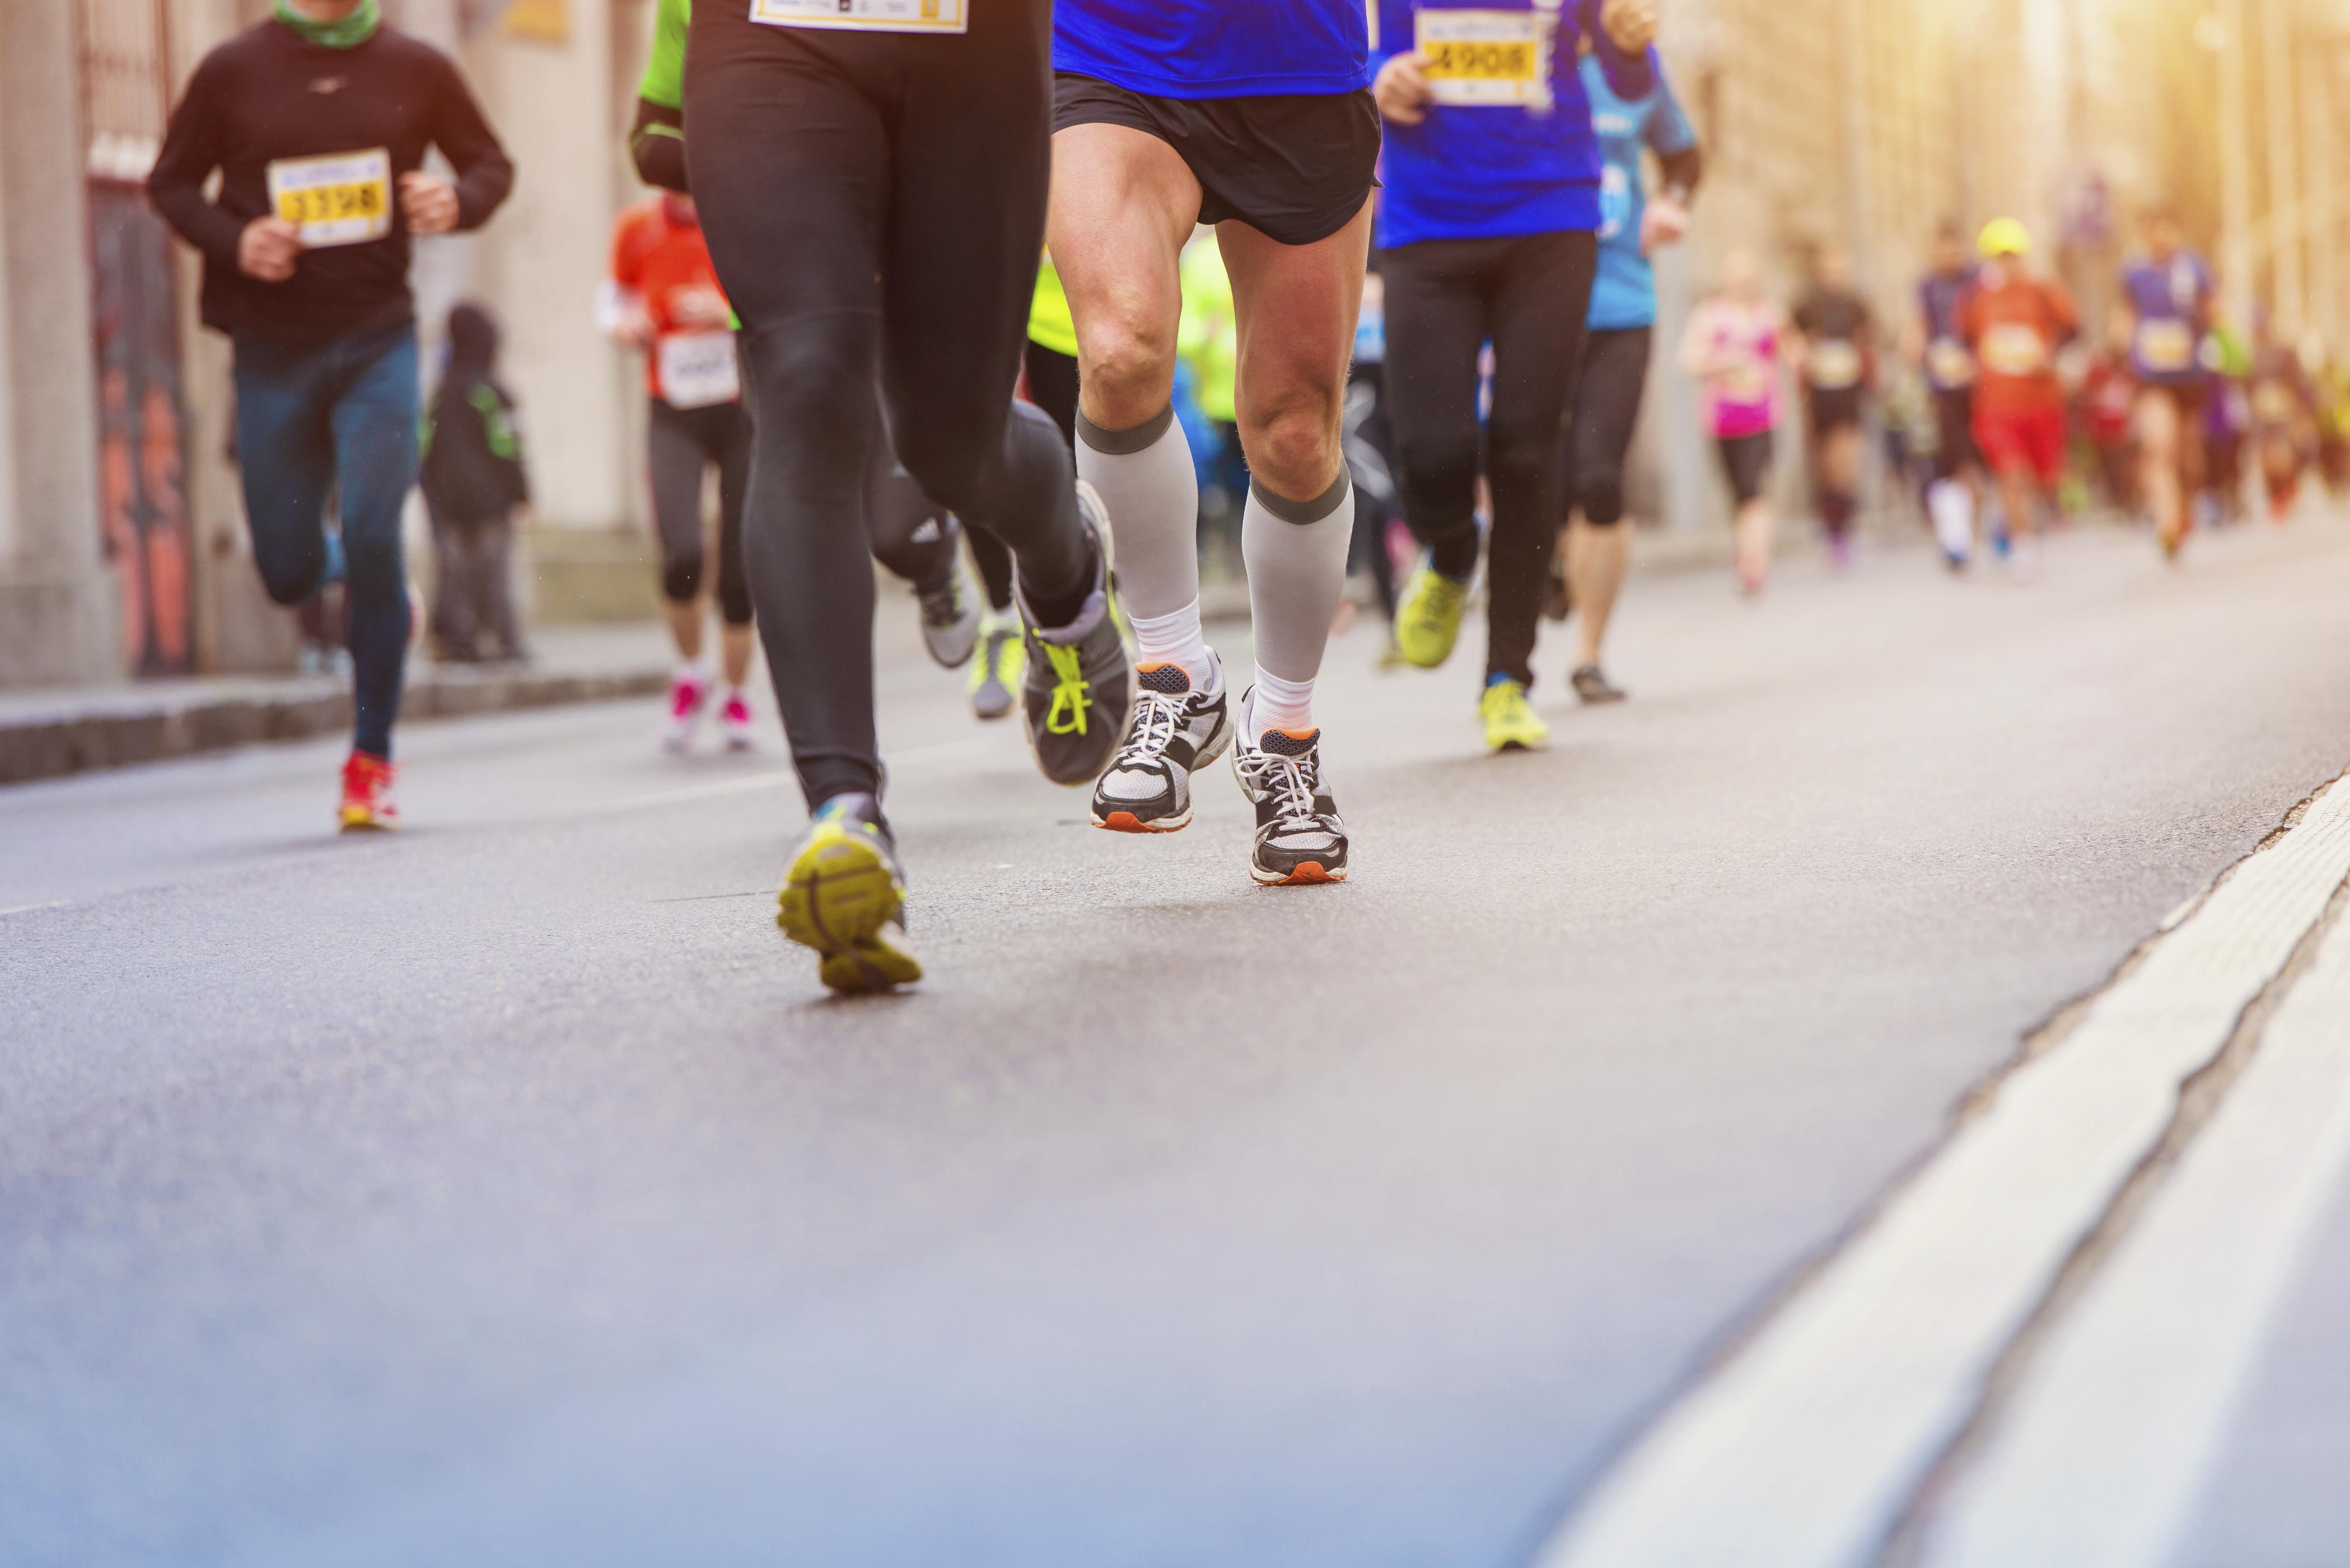 Si las articulaciones están preparadas para el ejercicio, el running no es perjudicial (iStock)